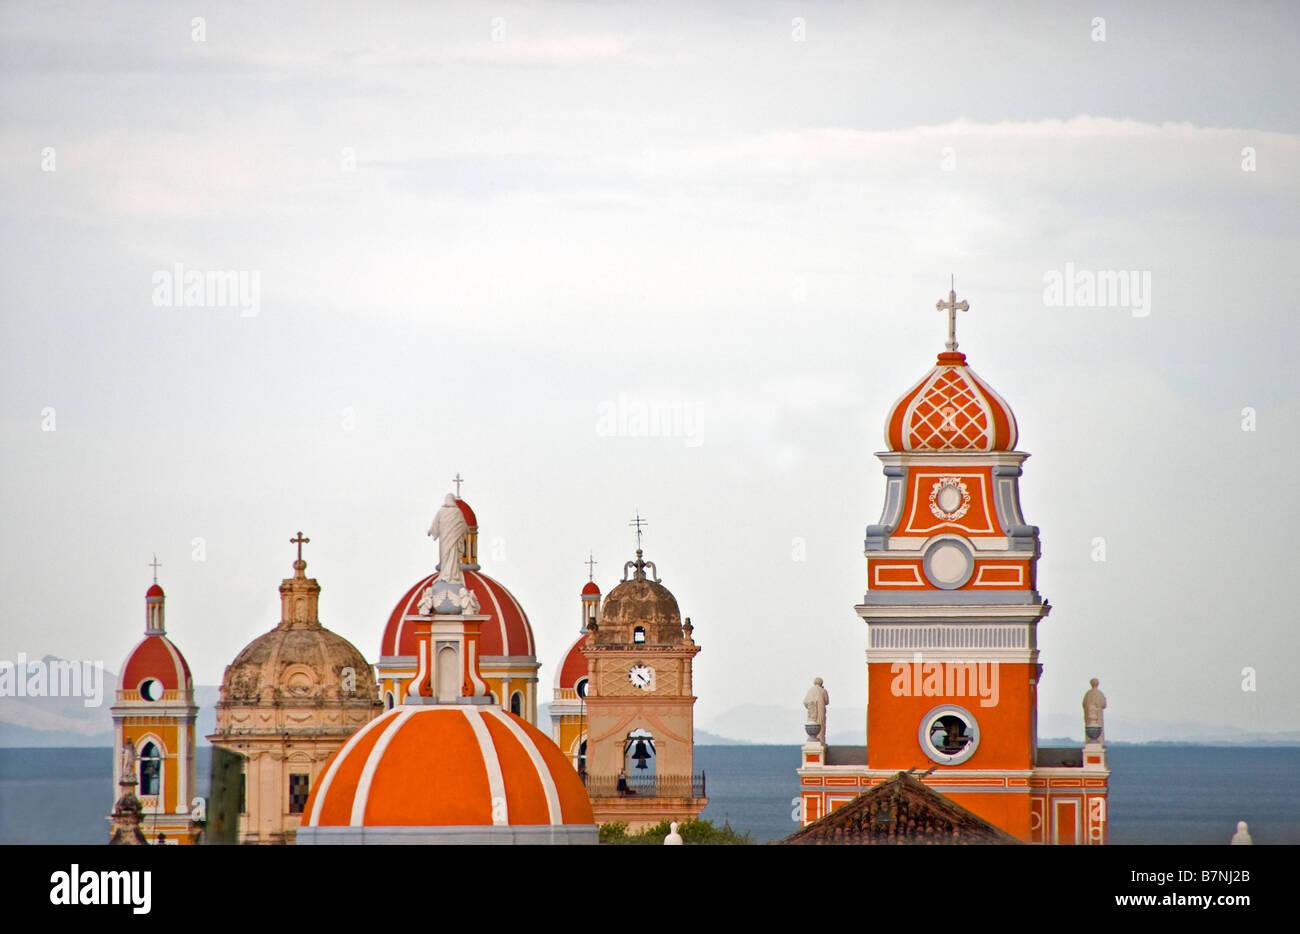 Koloniale Architektur, Kathedrale und Kirchen von Granada Glockentürme, mit Blick auf Nicaragua-See Stockbild